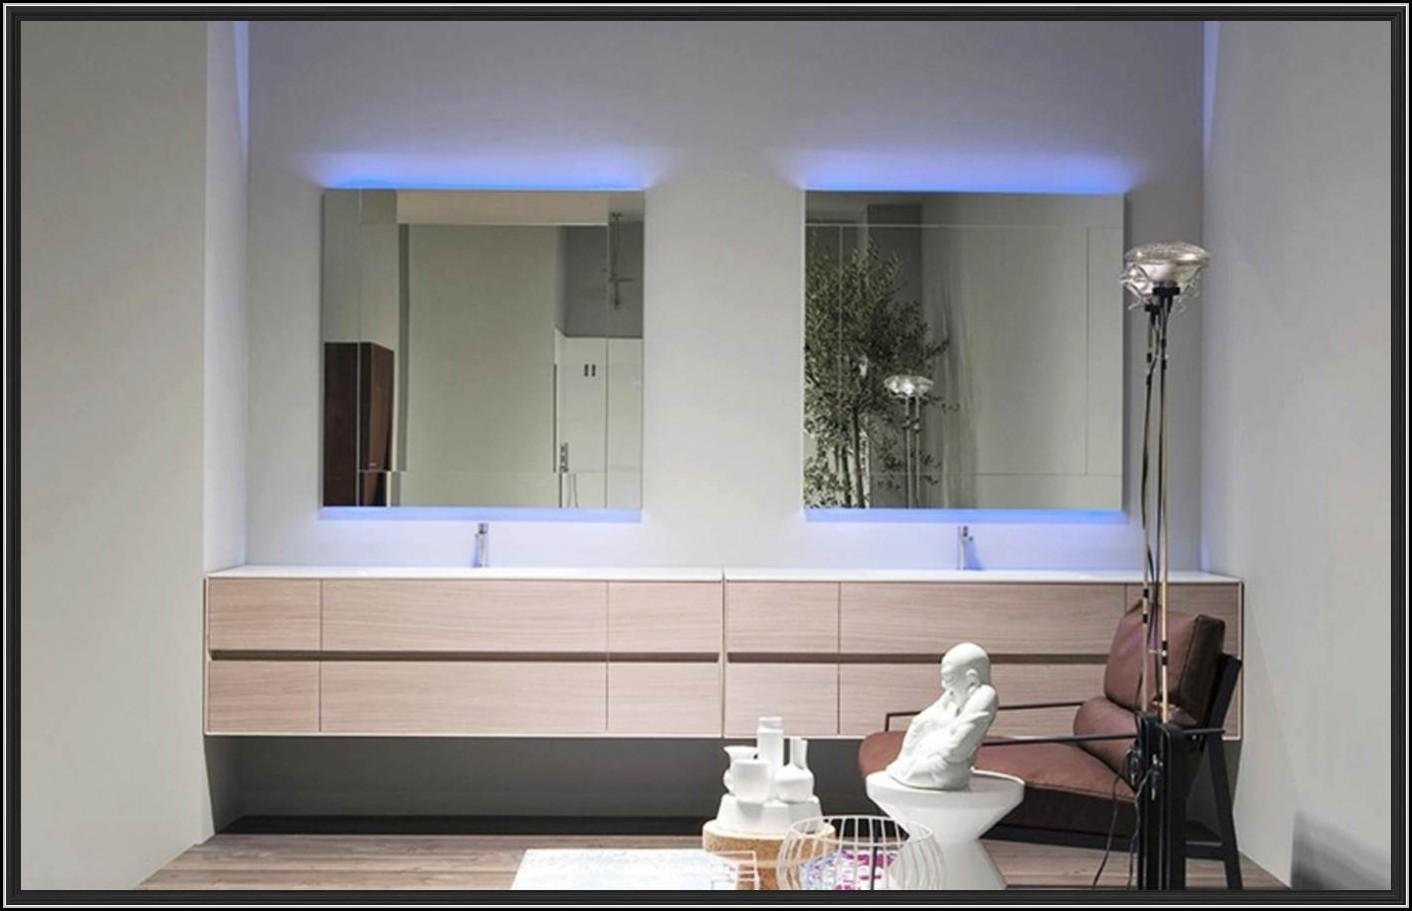 Badezimmerspiegel ohne beleuchtung beleuchthung house und dekor galerie ko1znoj16e - Badezimmerspiegel ohne beleuchtung ...